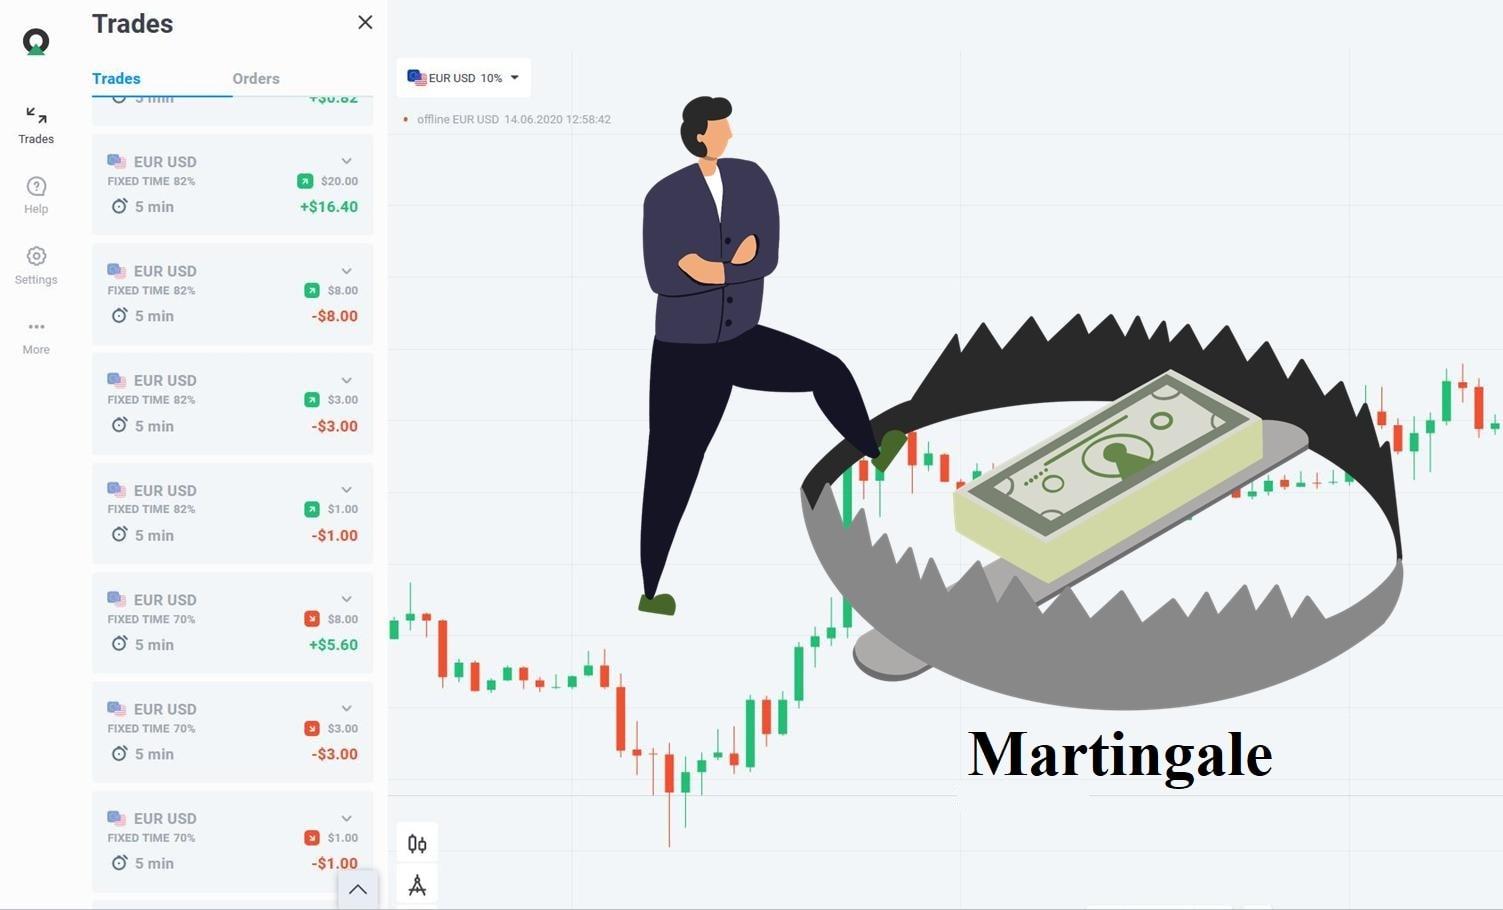 Cái bẫy của Martingale - Martingale là gì?